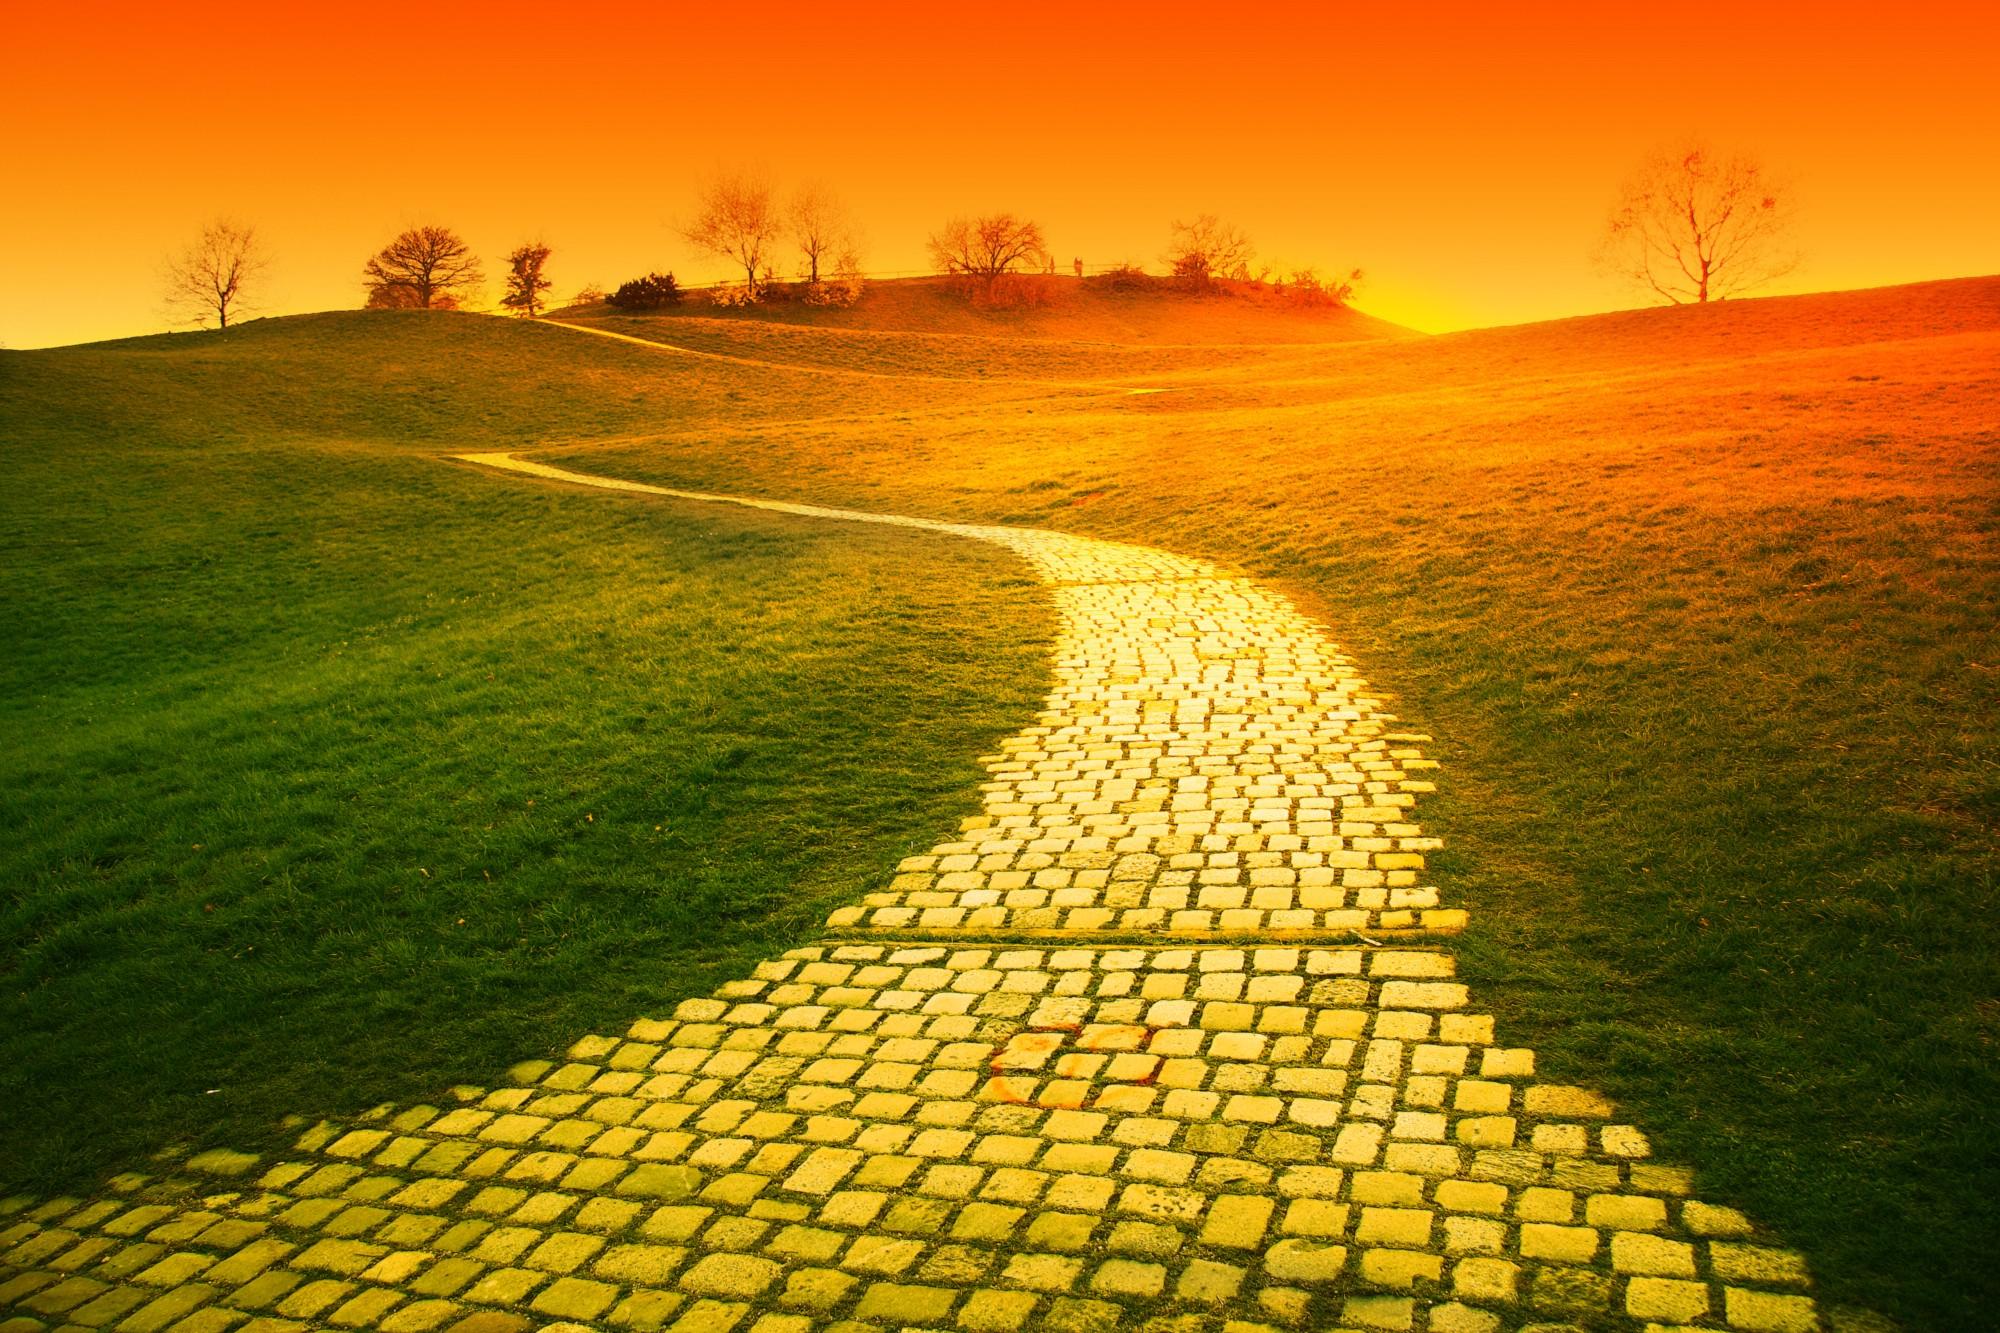 مسیر هنر و خلاقیت